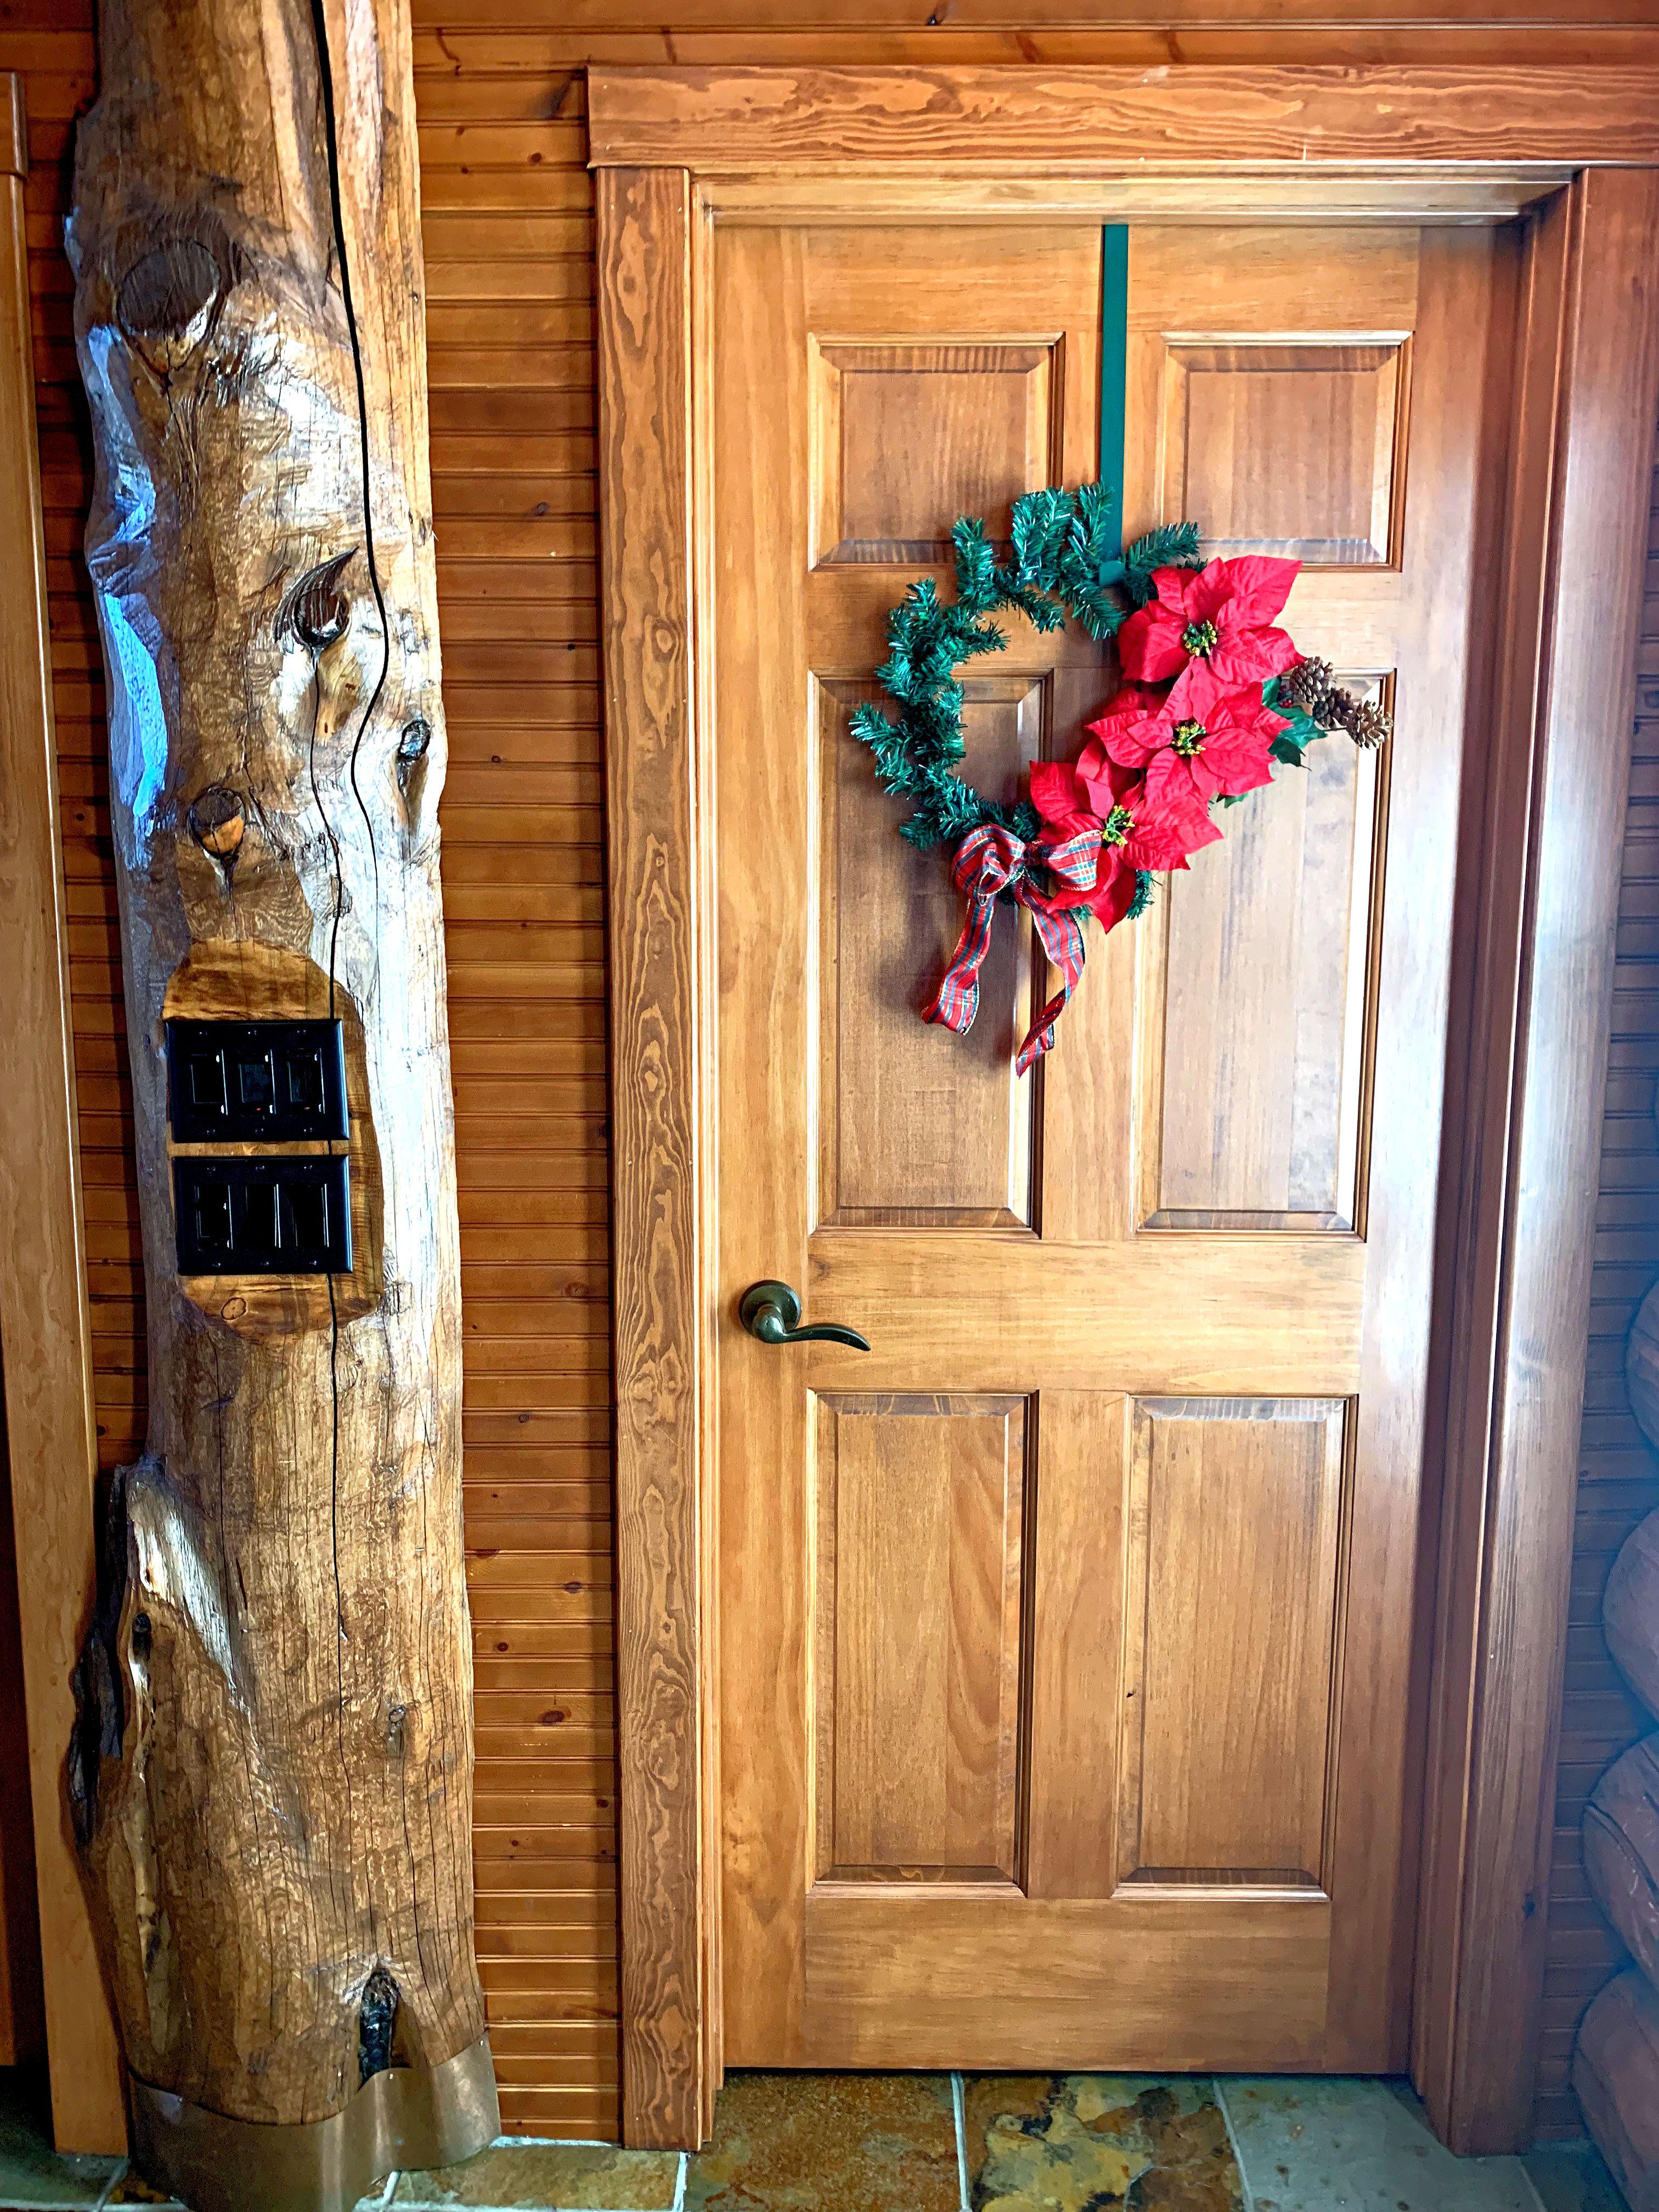 Dollar Tree DIY Christmas Poinsettia Wreath